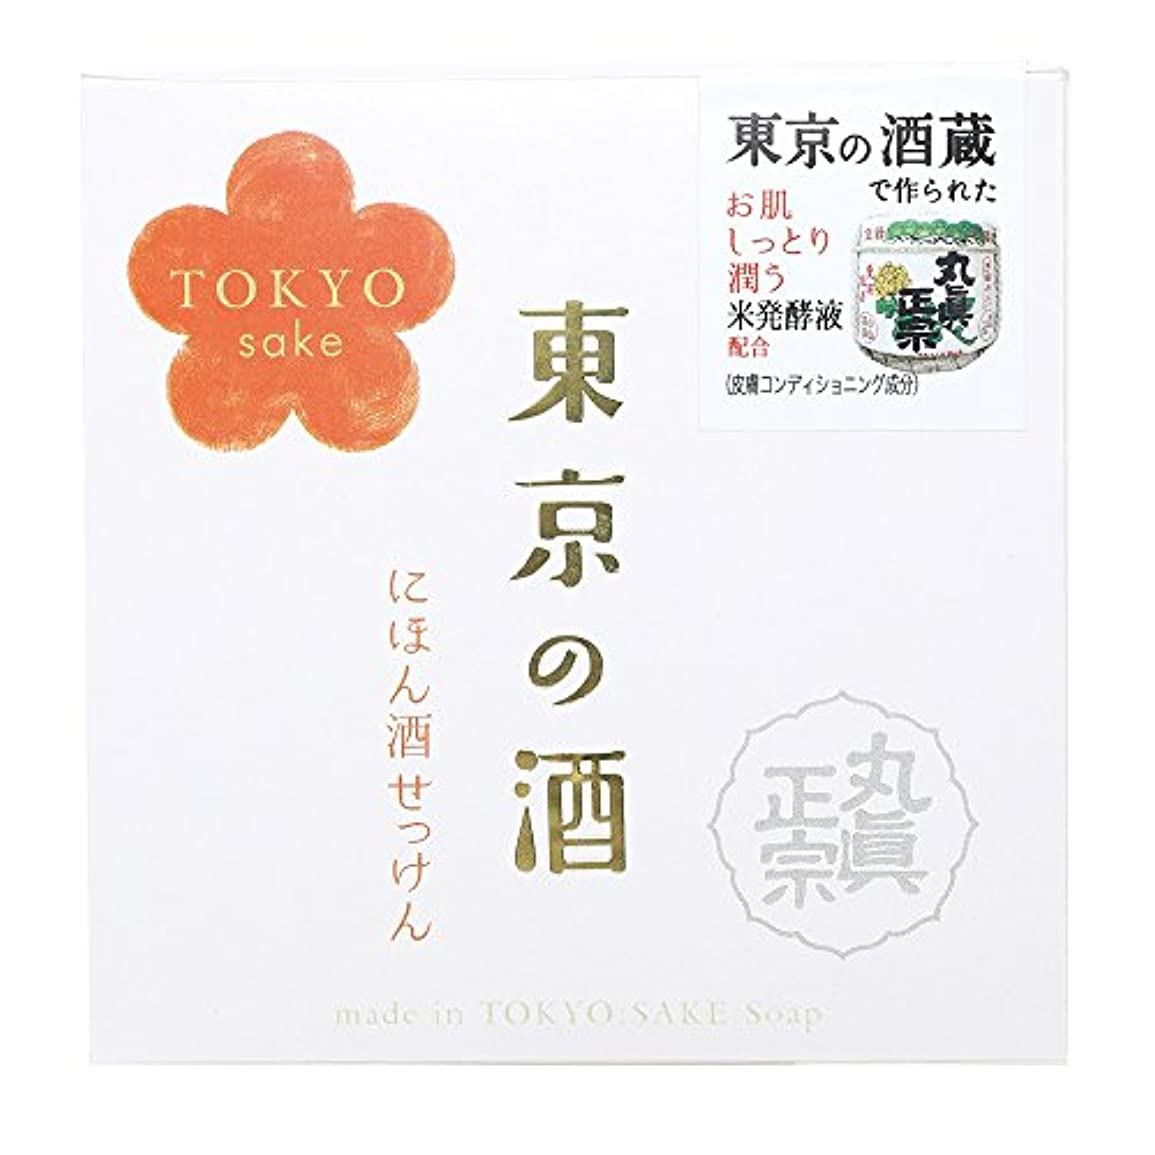 ペダルそして農民ノルコーポレーション 東京の酒 石けん OB-TKY-1-1 100g